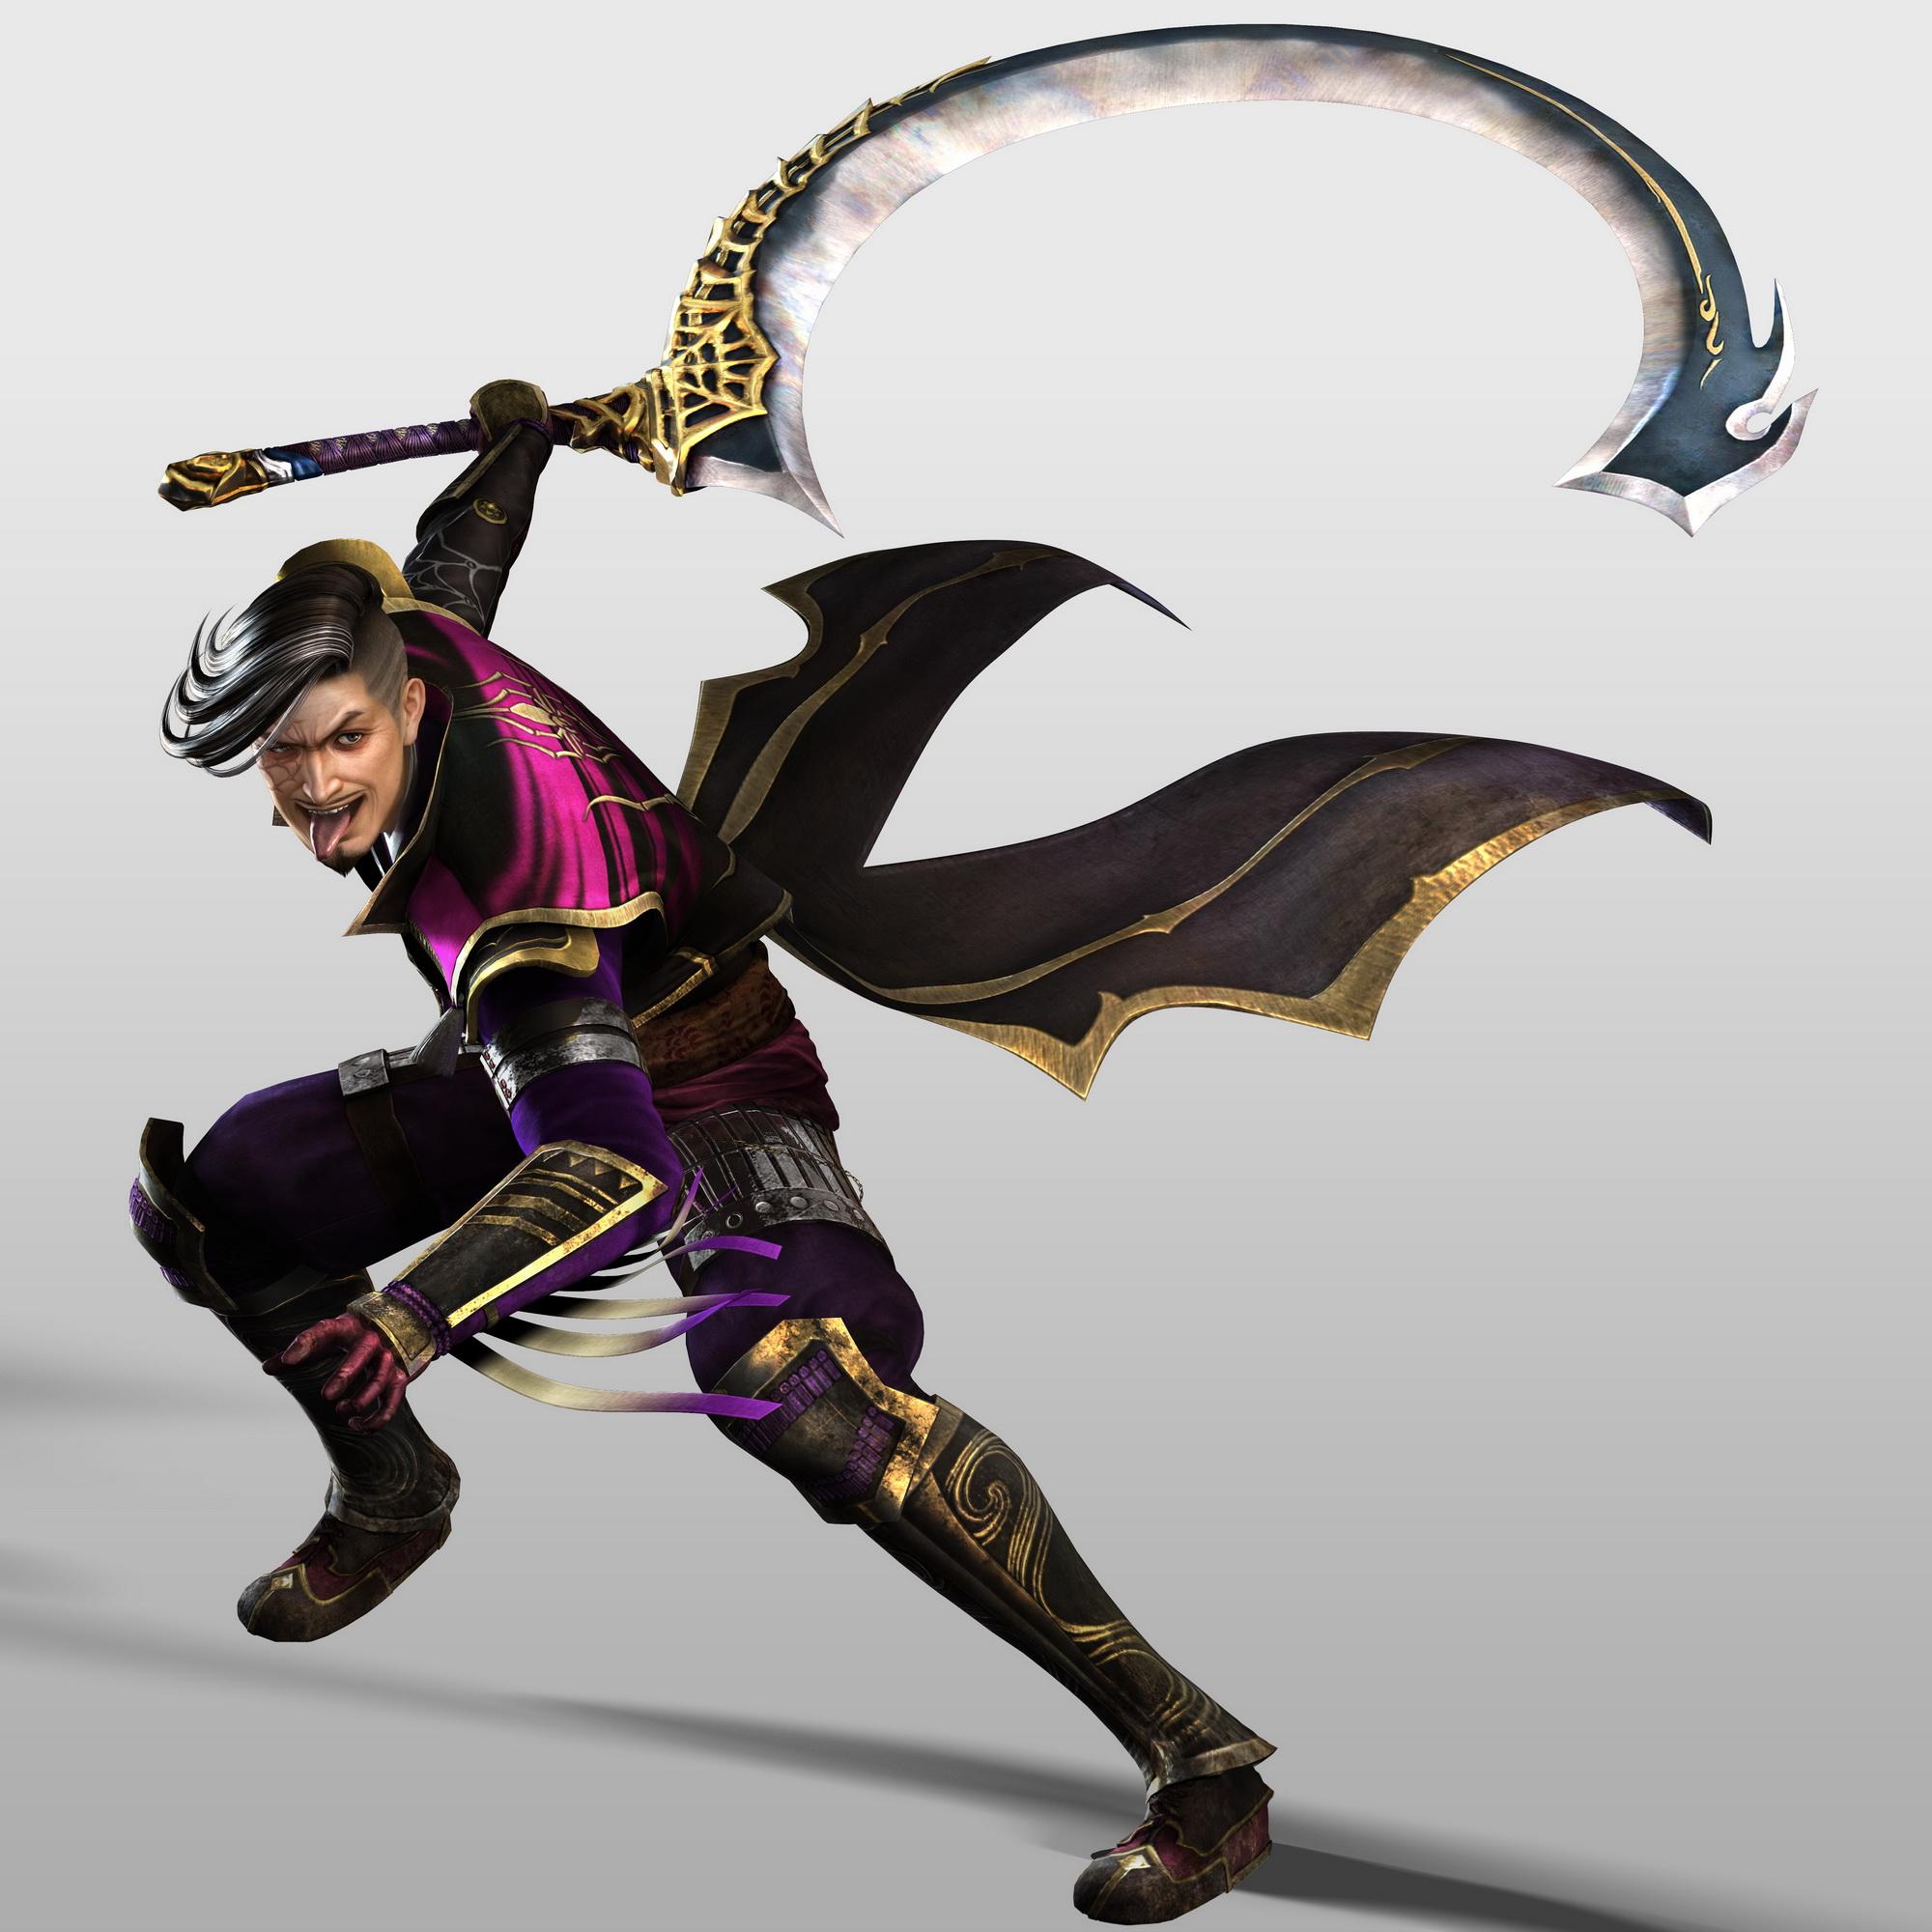 Warriors Orochi 4: Hisahide Matsunaga